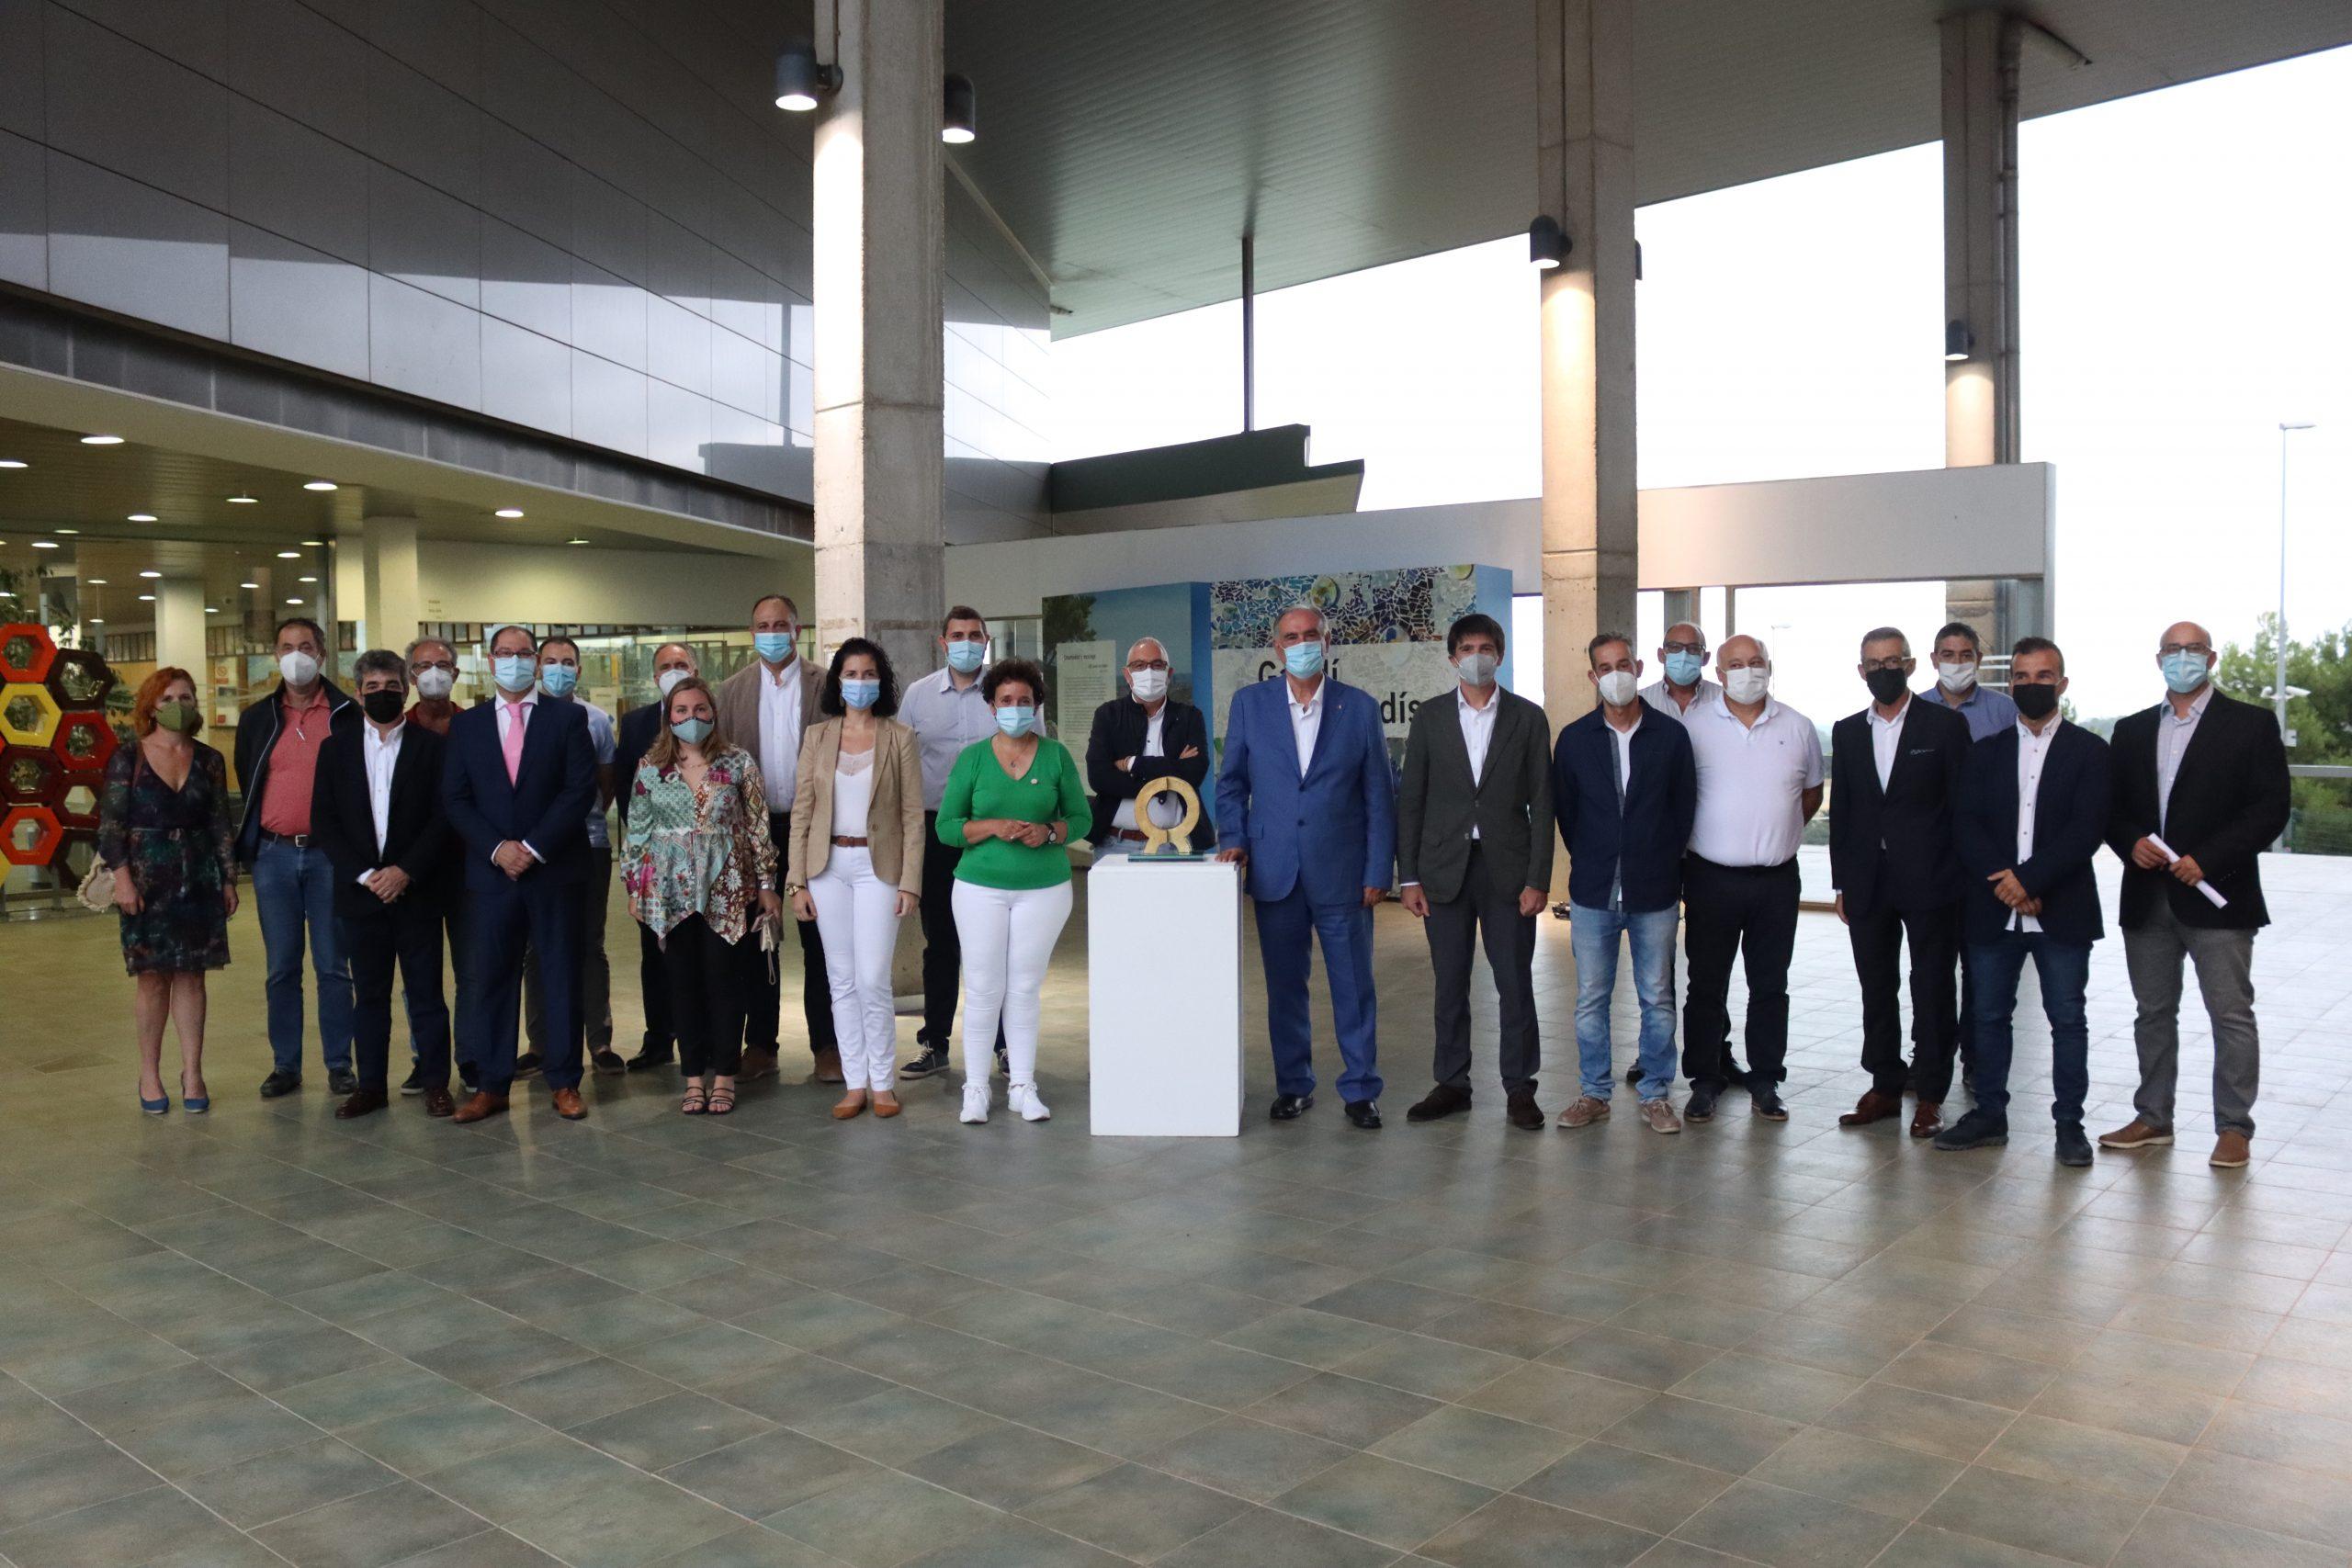 Onda muestra al mundo los proyectos premiados en la 45 edición de los Alfa de Oro